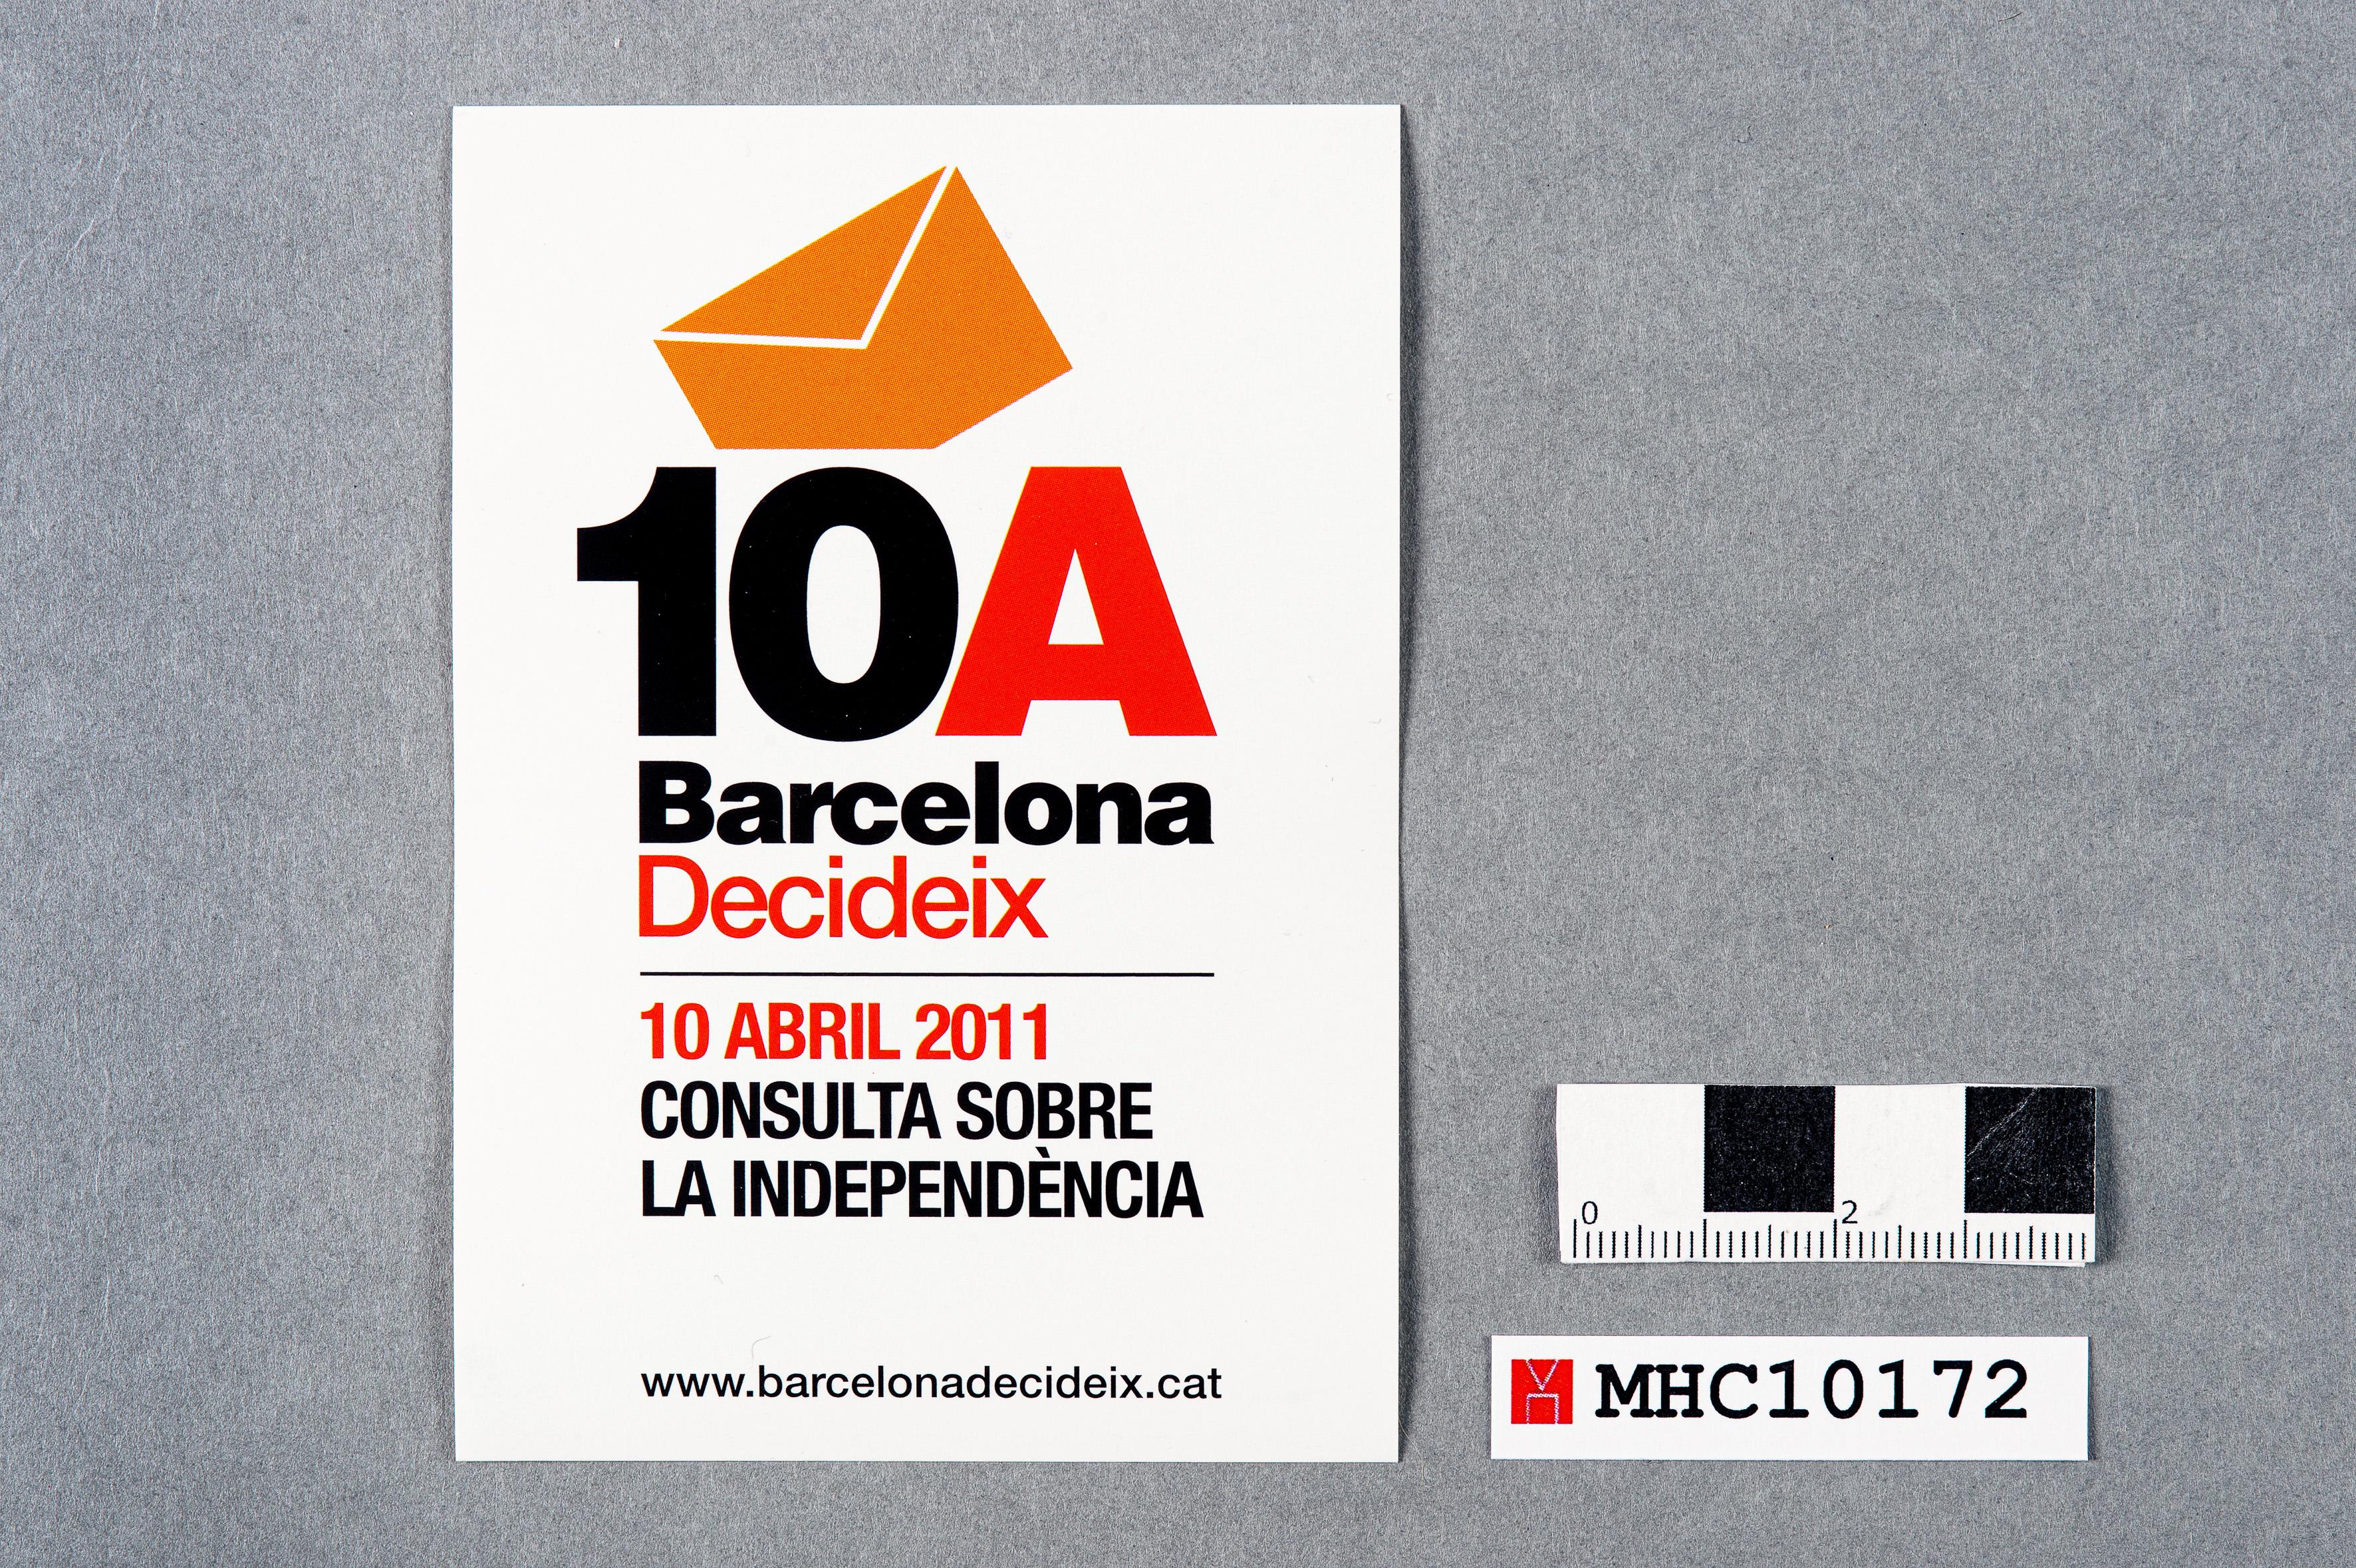 10A Barcelona decideix. 10 abril 2011 consulta sobre la independència